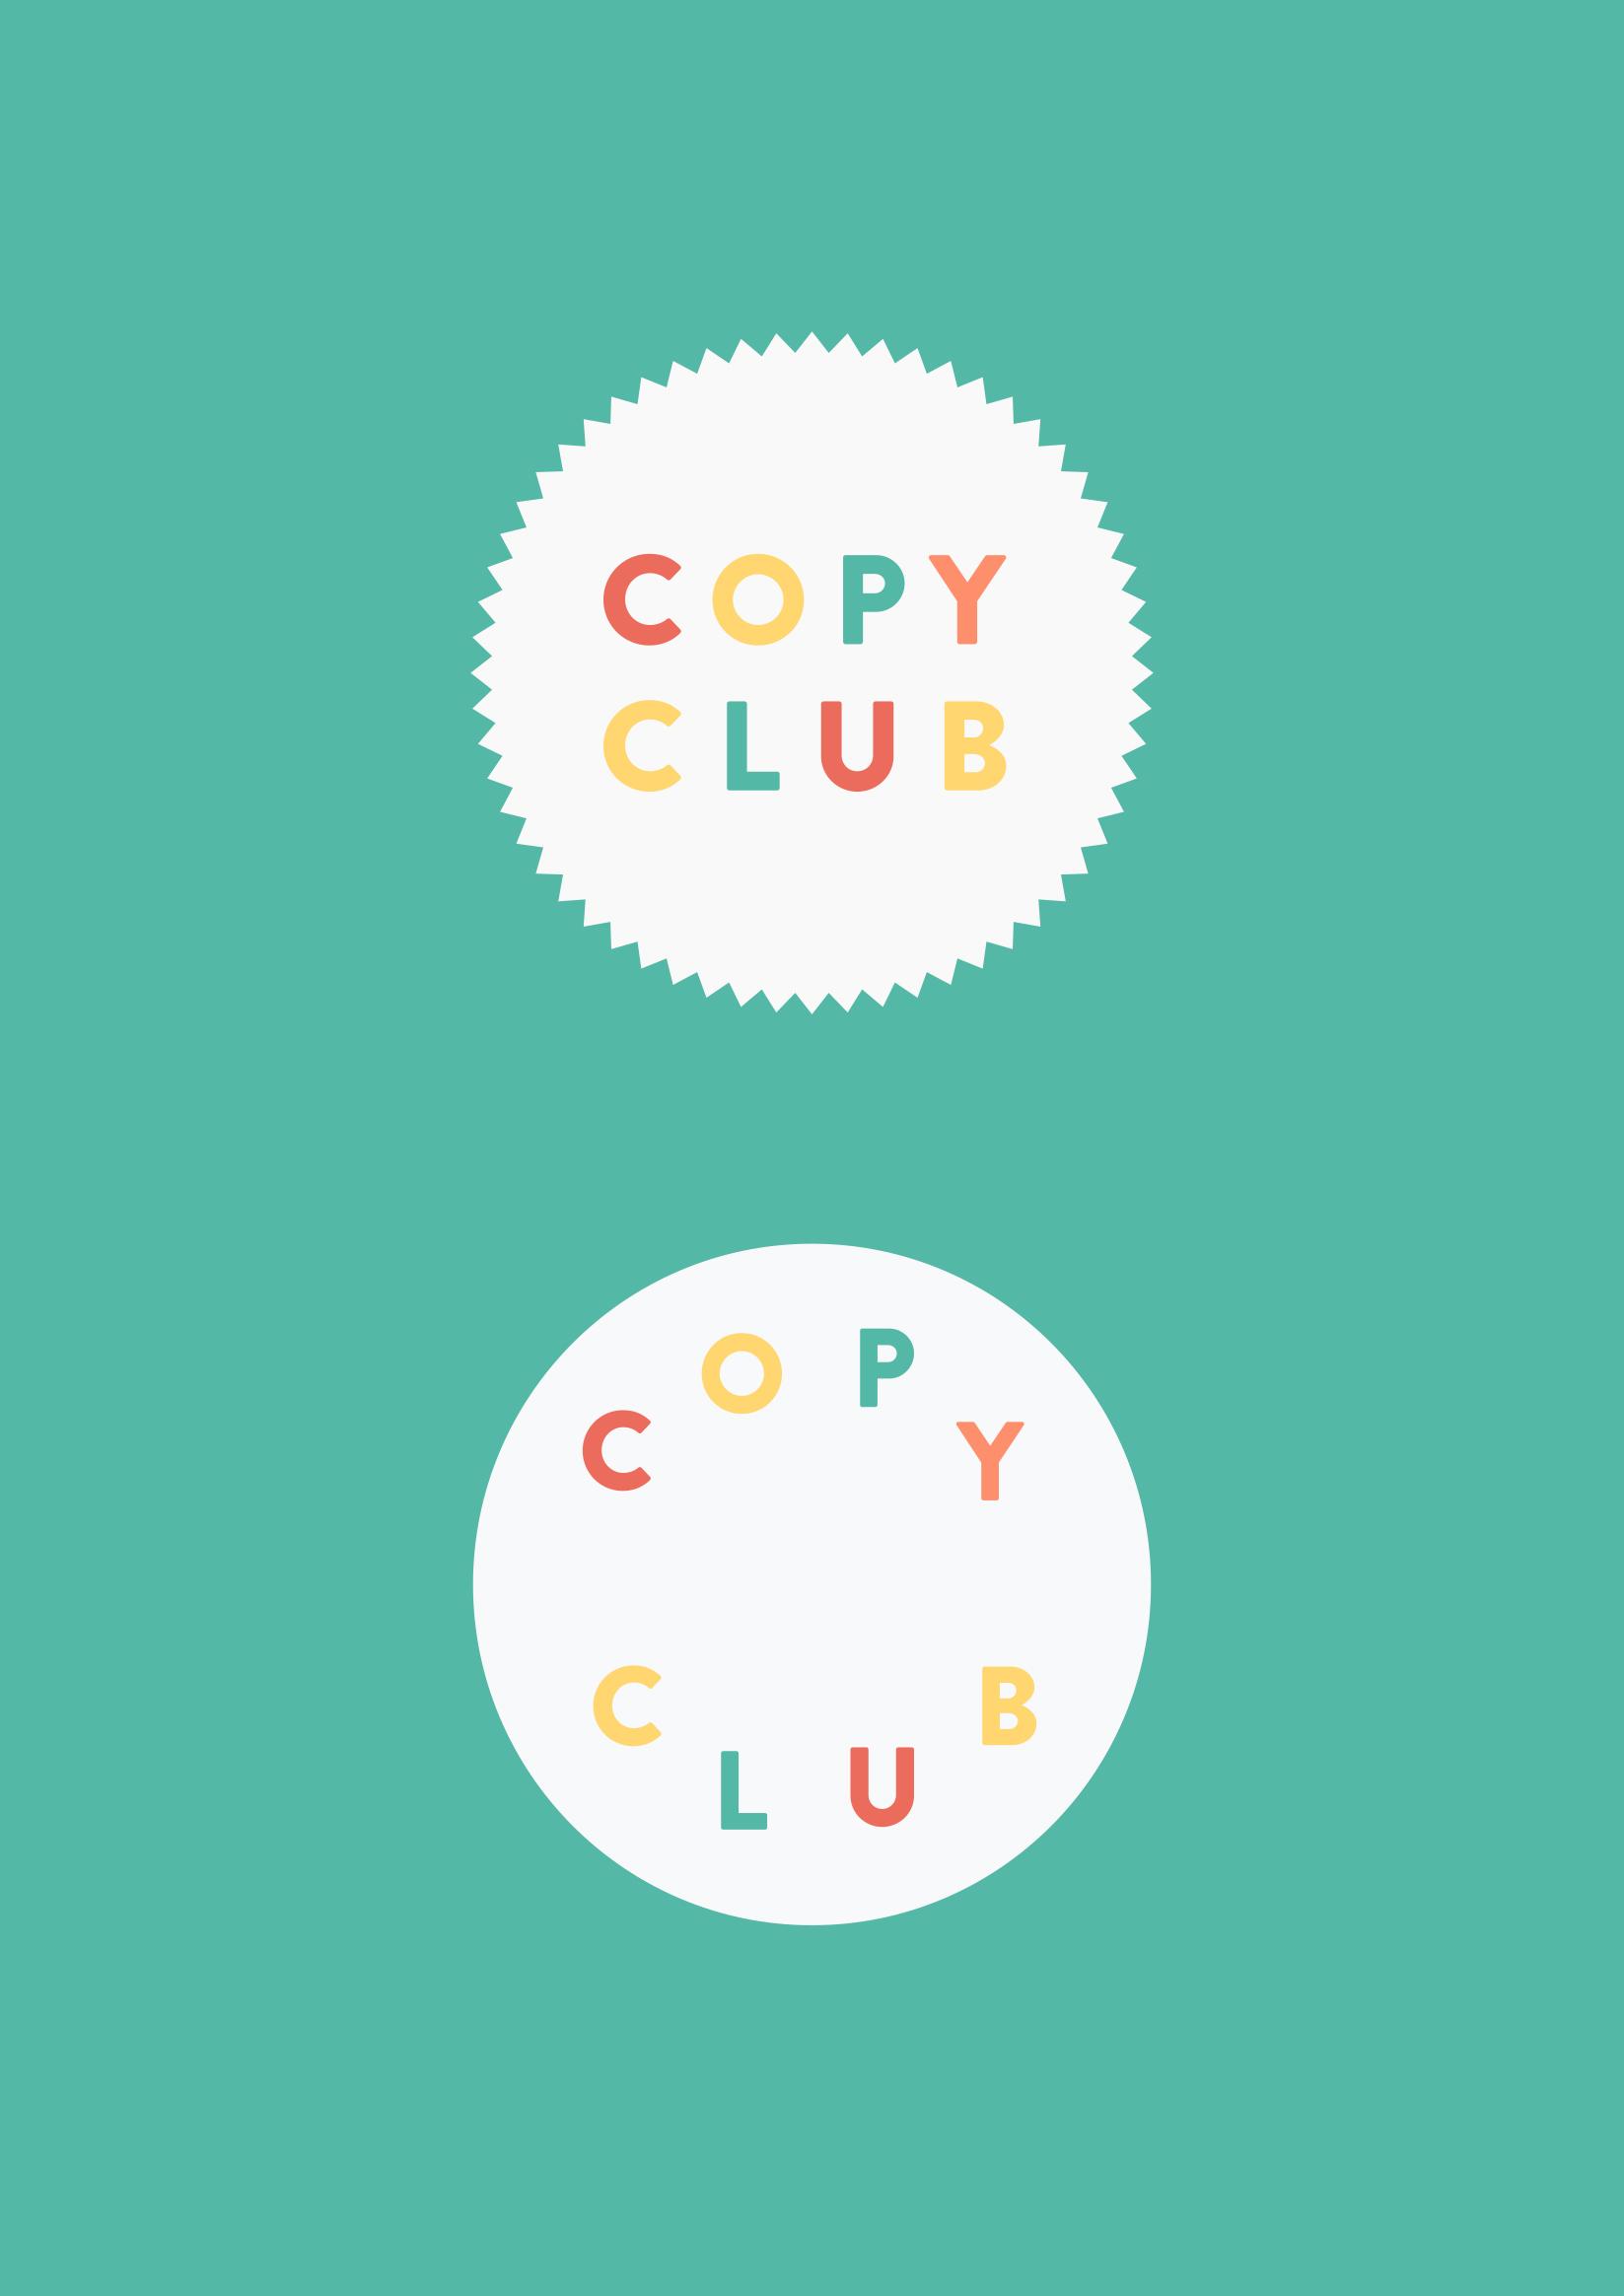 copy_club_identity_design_logo.jpg